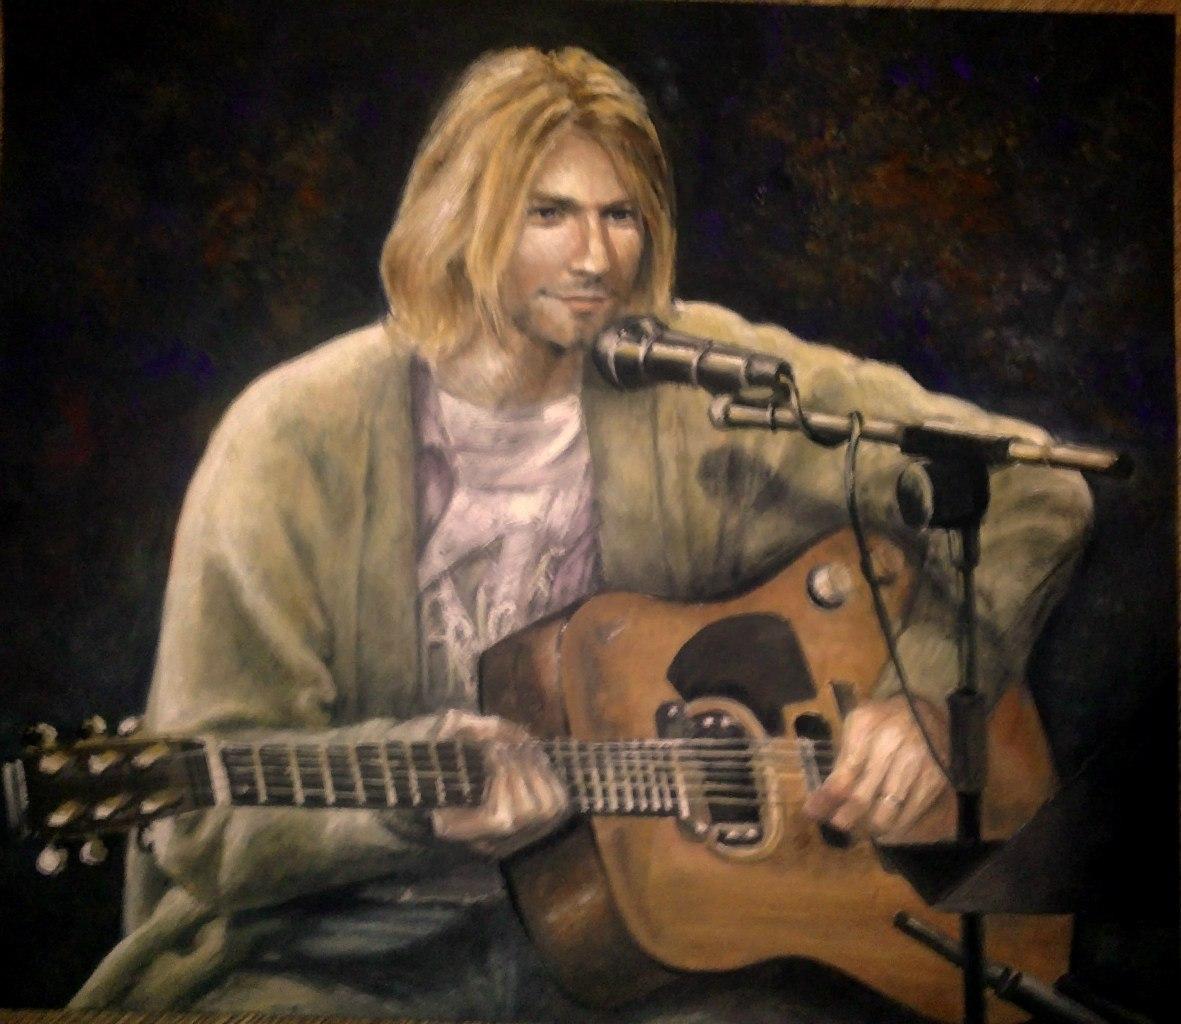 21277 скачать обои Музыка, Люди, Артисты, Курт Кобейн (Kurt Cobain) - заставки и картинки бесплатно